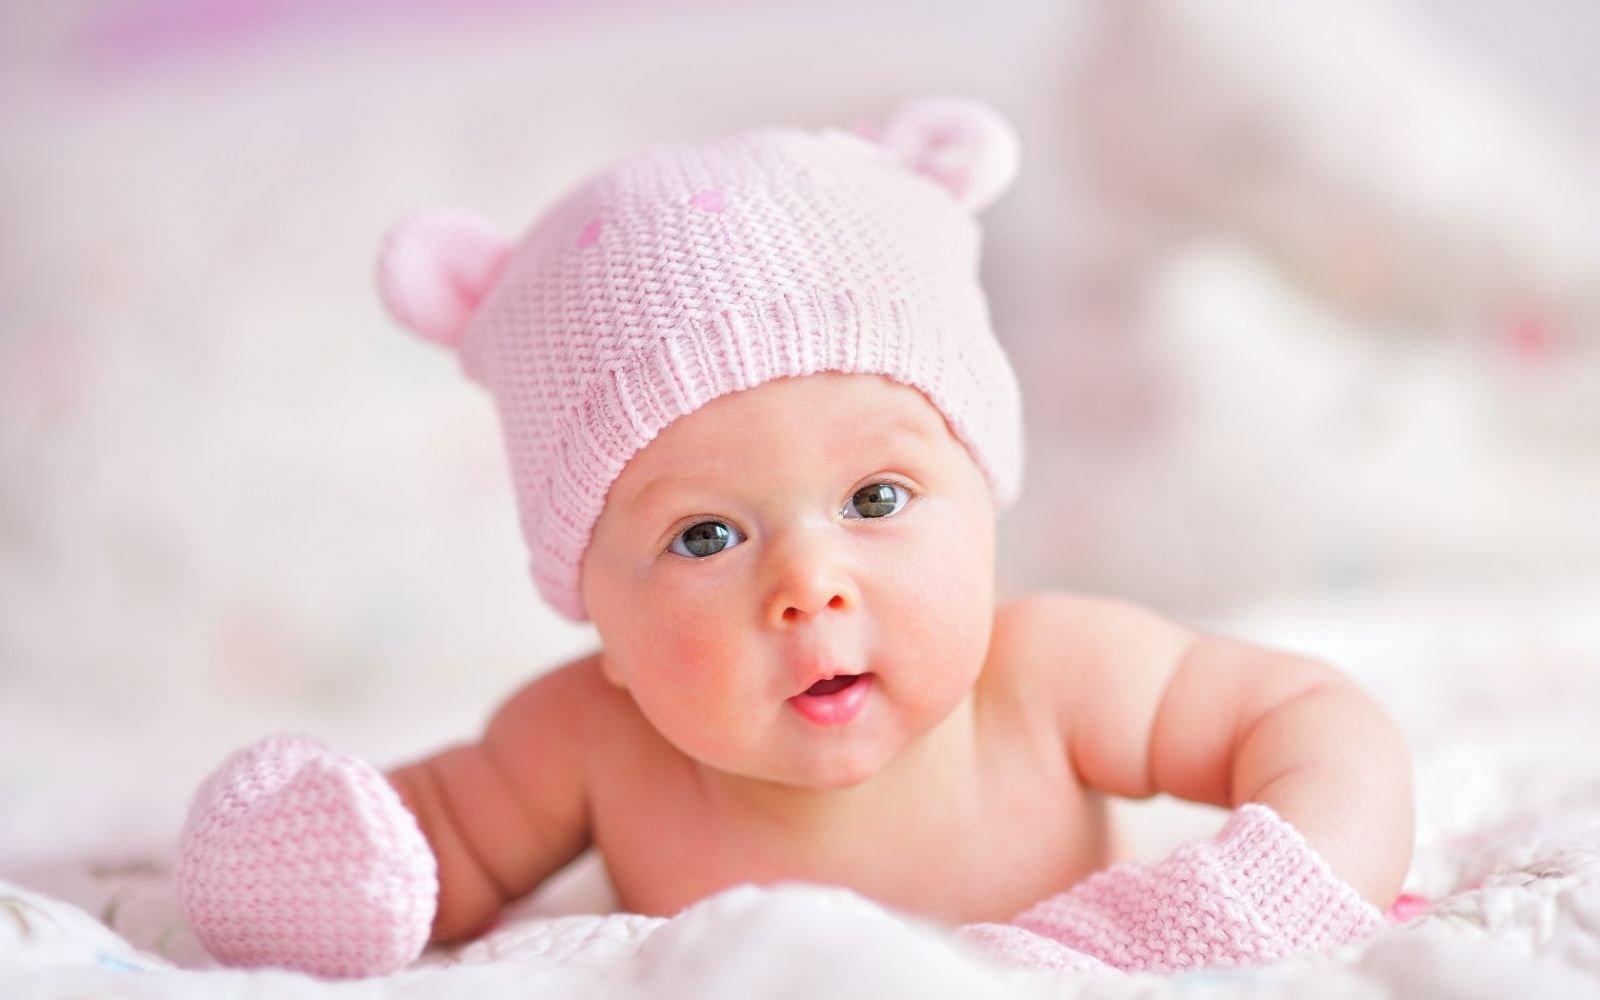 Увеличена селезенка у ребенка